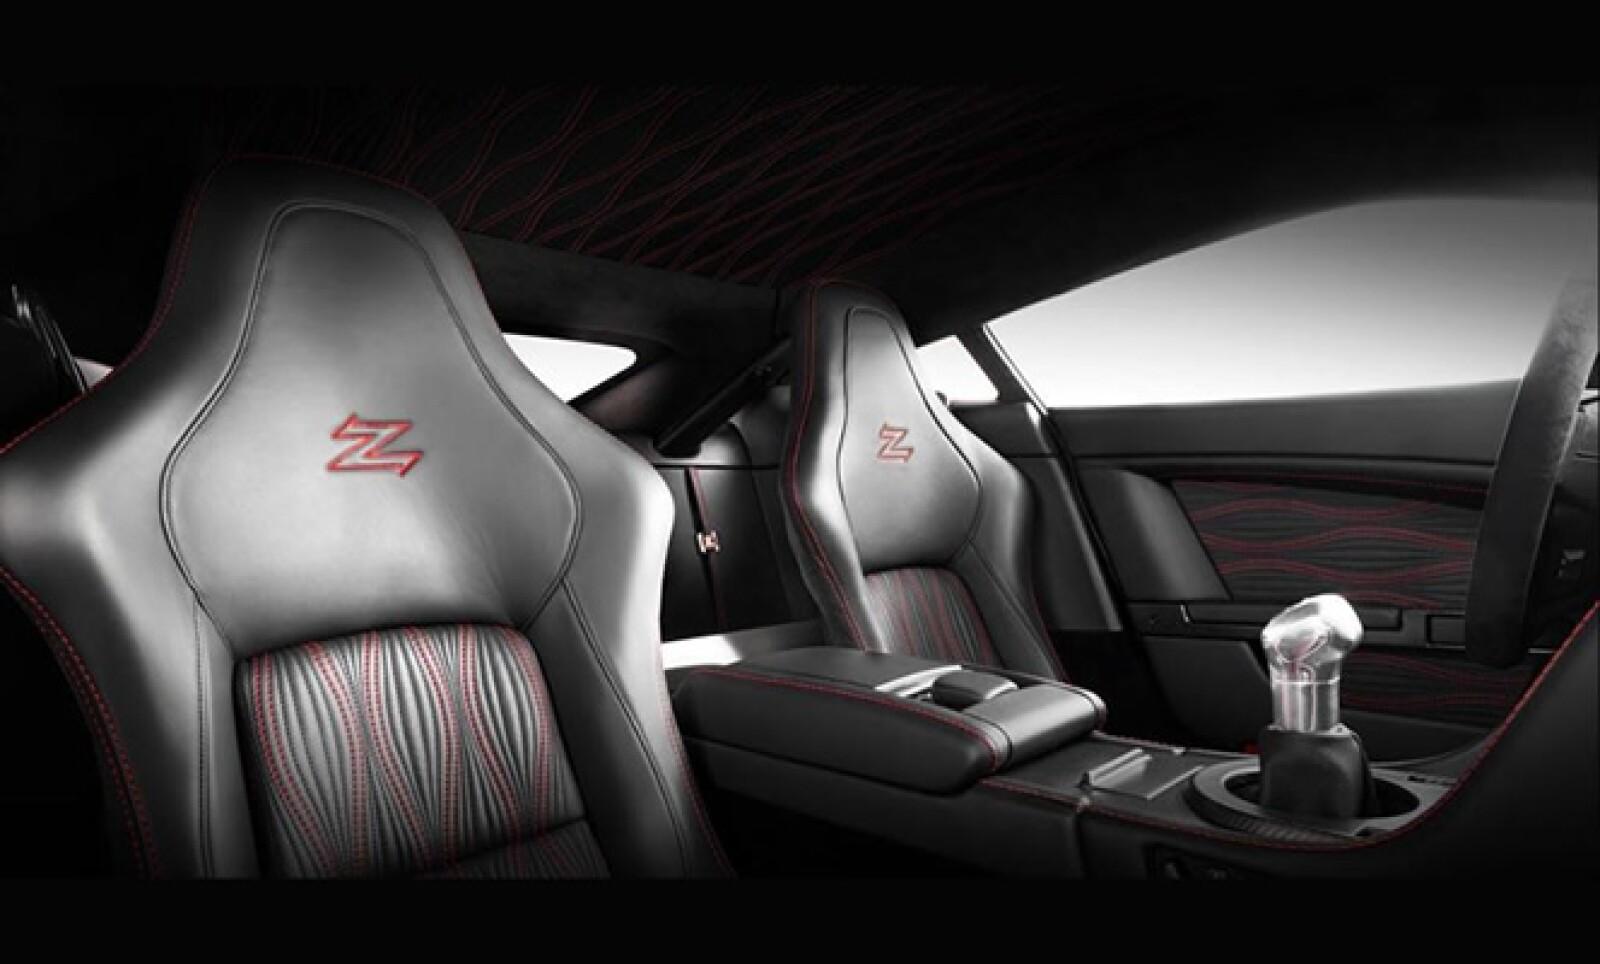 Cada V12 Zagato necesita 2,000 horas hombre para ser completado y destaca la carrocería realizada en aluminio (cofre, techo, y puertas) y fibra de carbono (fascias, marcos de puertas, sección posterior).